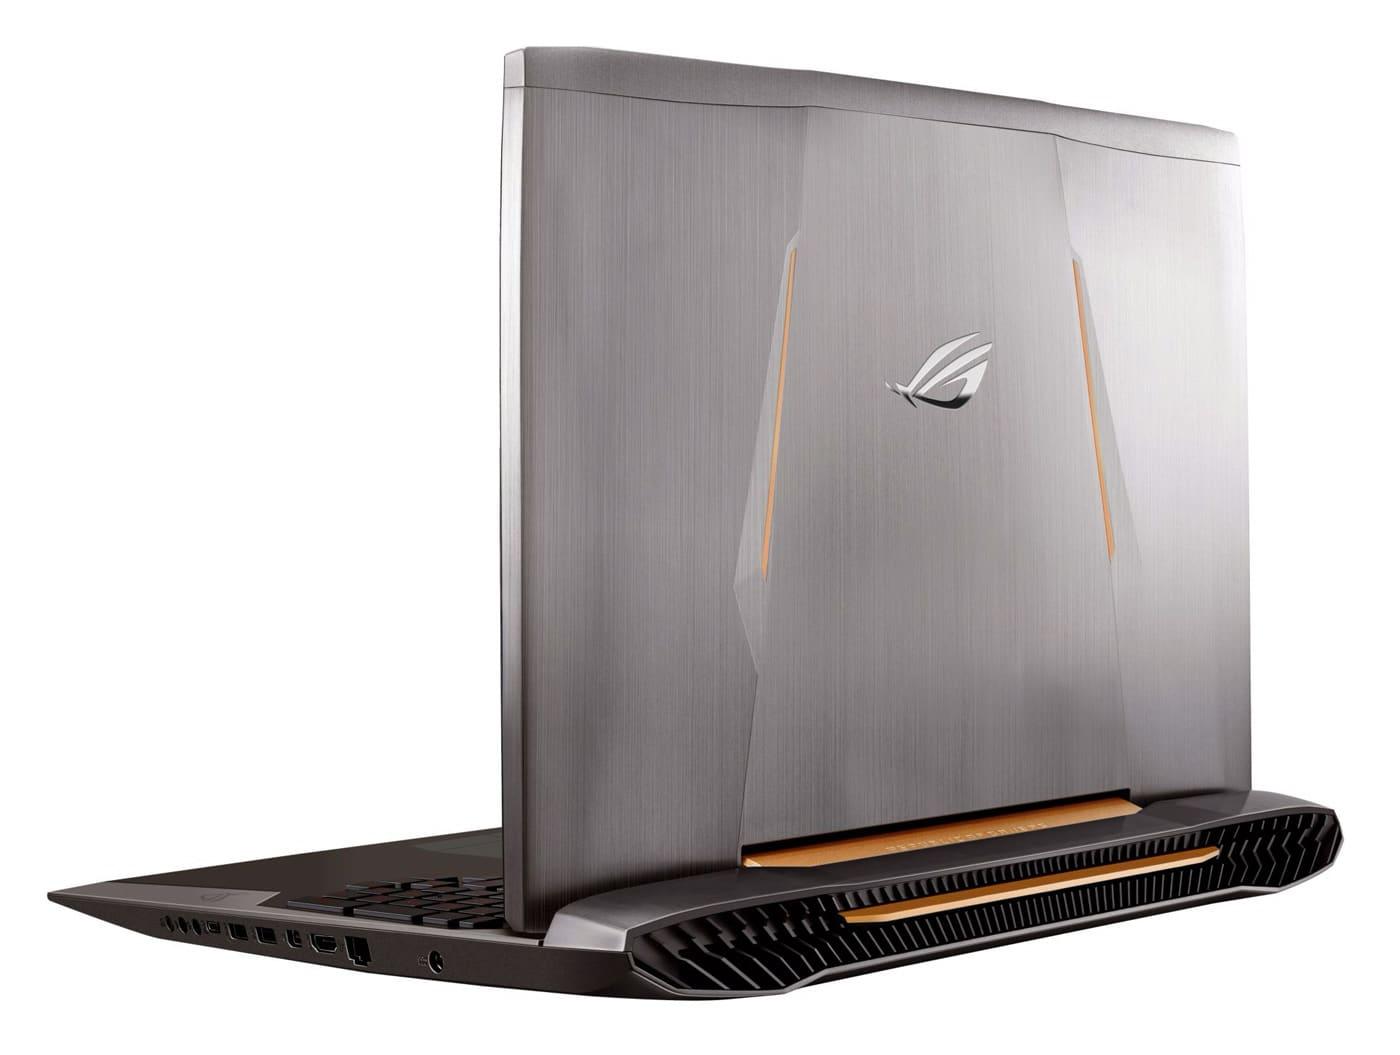 Asus G752VS-BA202D, PC portable 17 pouces G-Sync GTX 1070 SSD256 i7 1999€